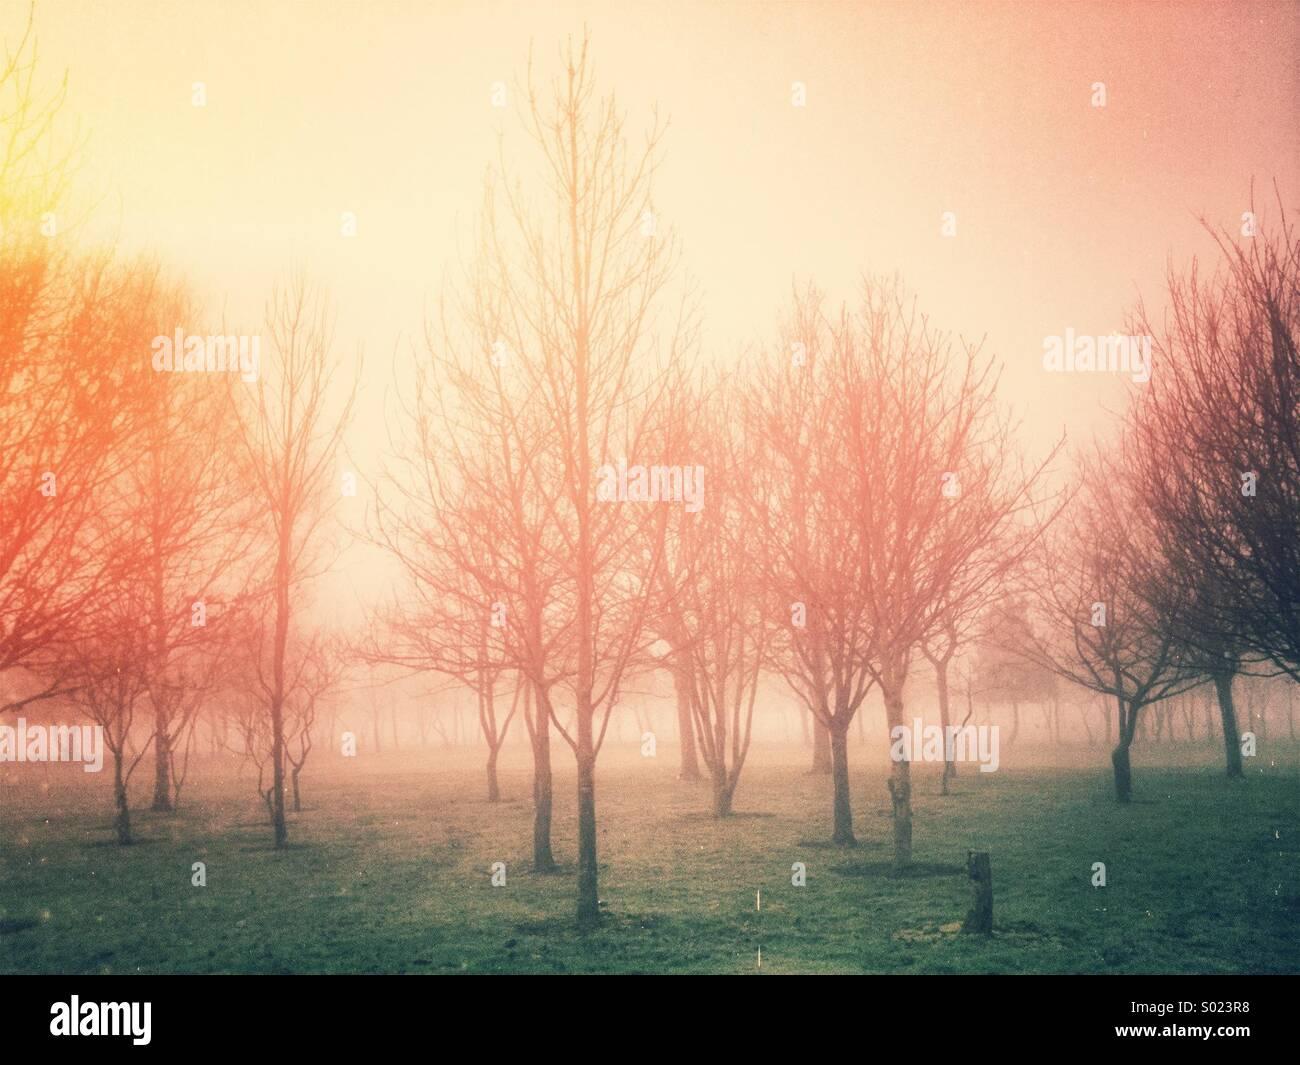 Paysage brumeux avec retro style filtre appliqué. Photo Stock